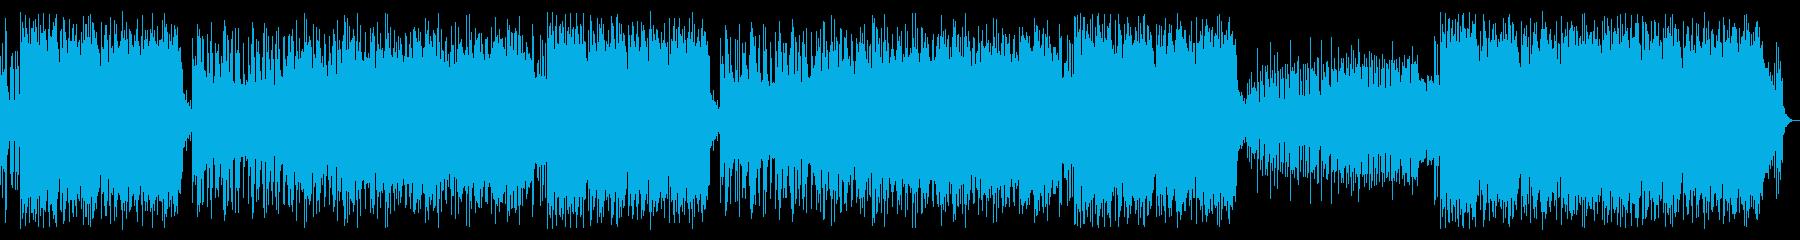 ダークな曲(緊迫/危機/緊急/異常)の再生済みの波形